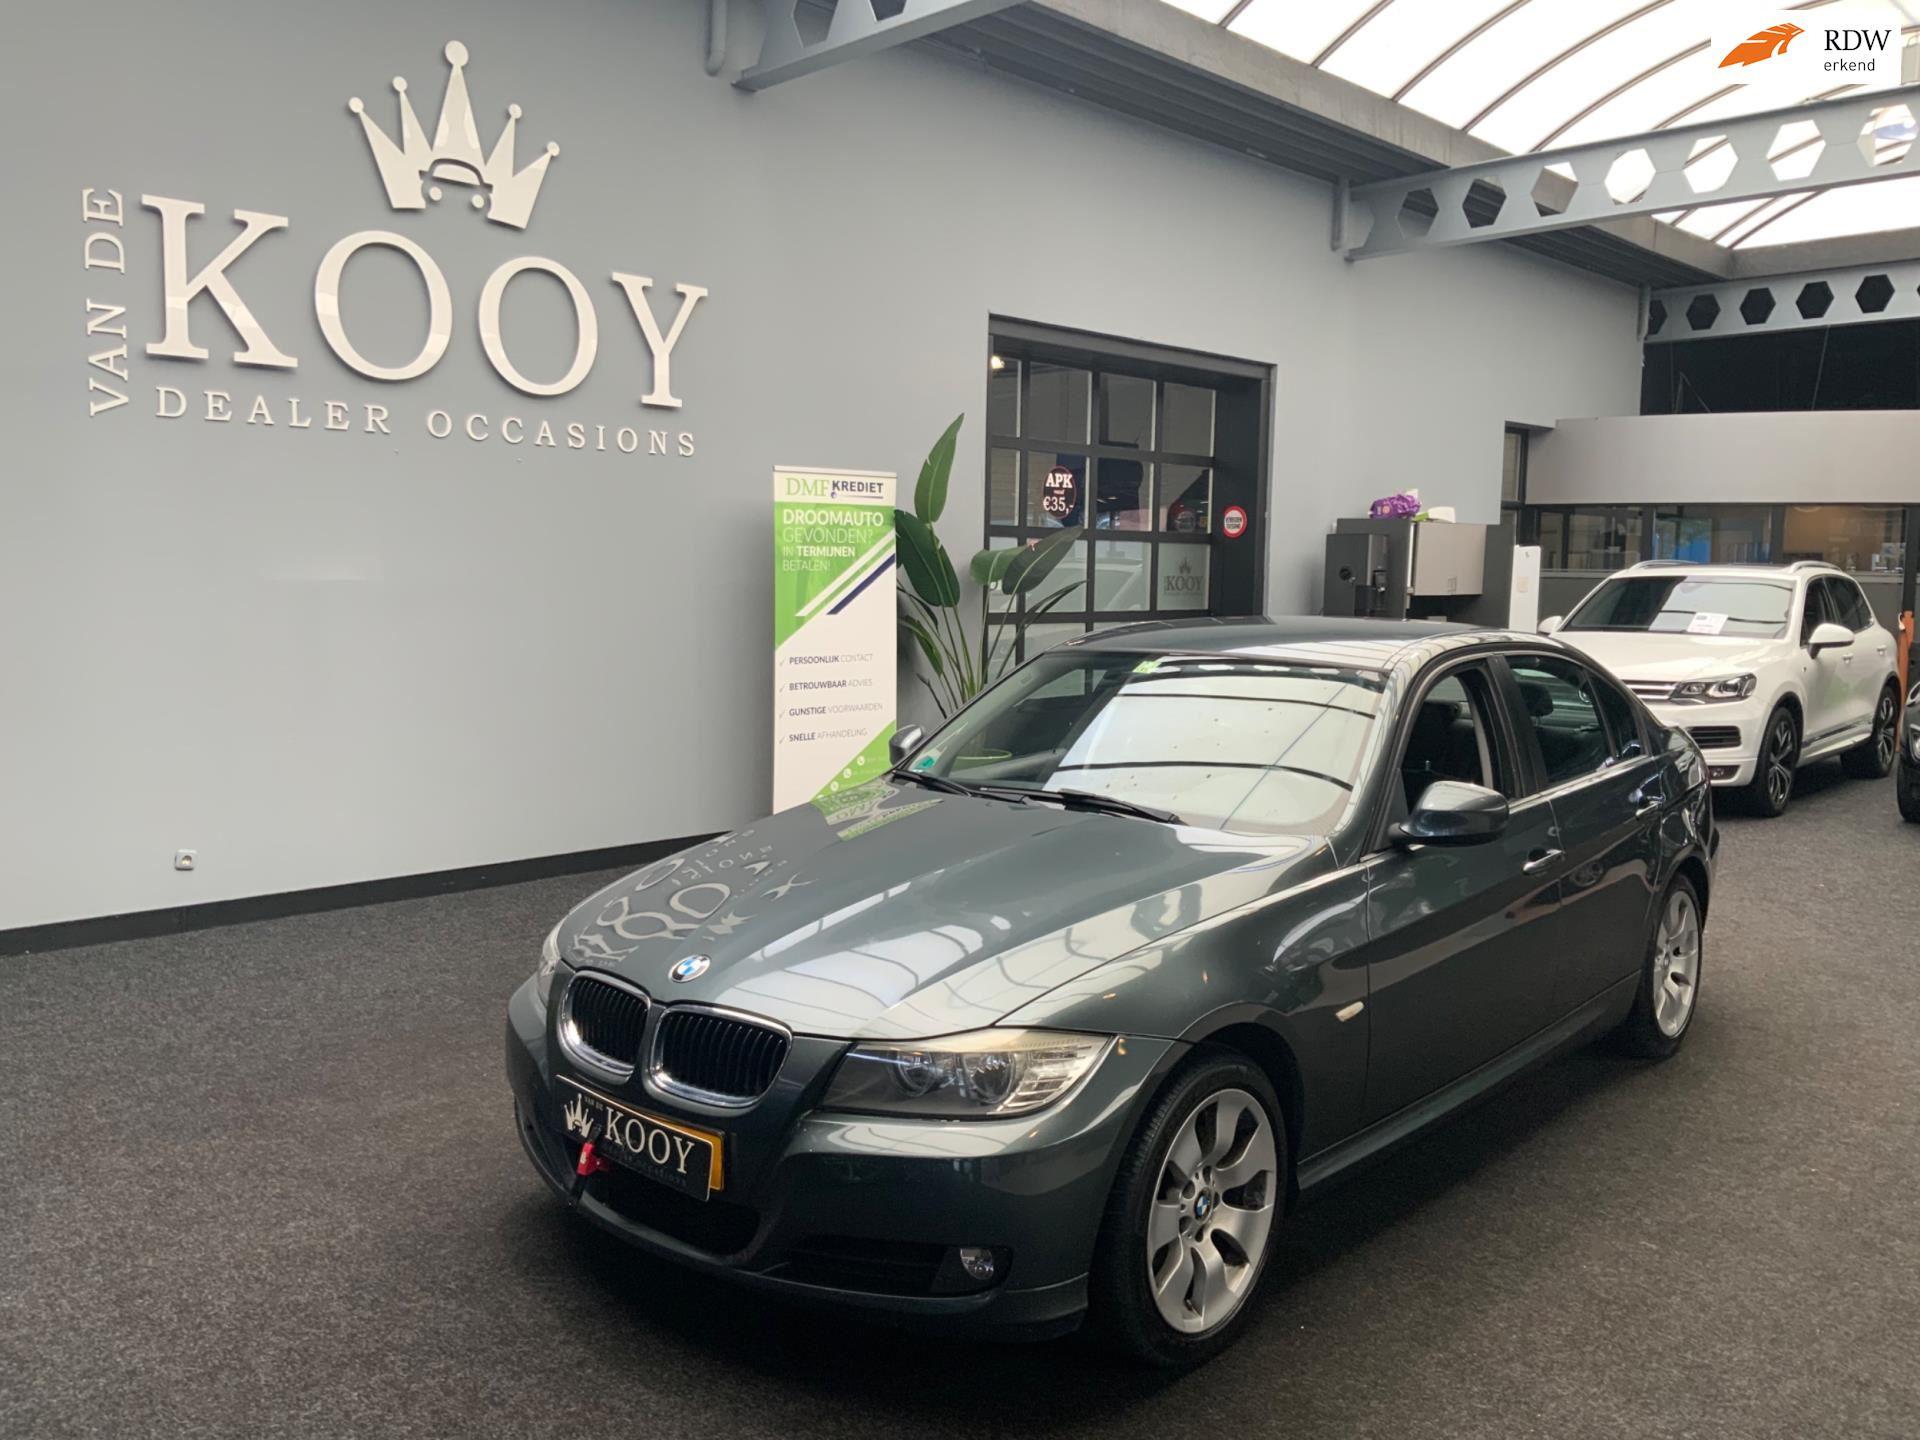 BMW 3-serie occasion - Van De Kooy Dealer Occasions Opmeer